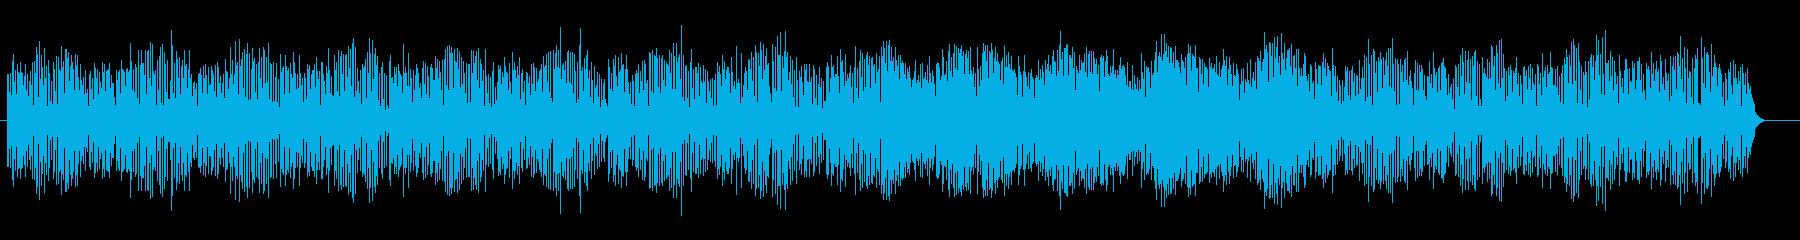 宇宙感と疾走感のシンセテクノサウンドの再生済みの波形